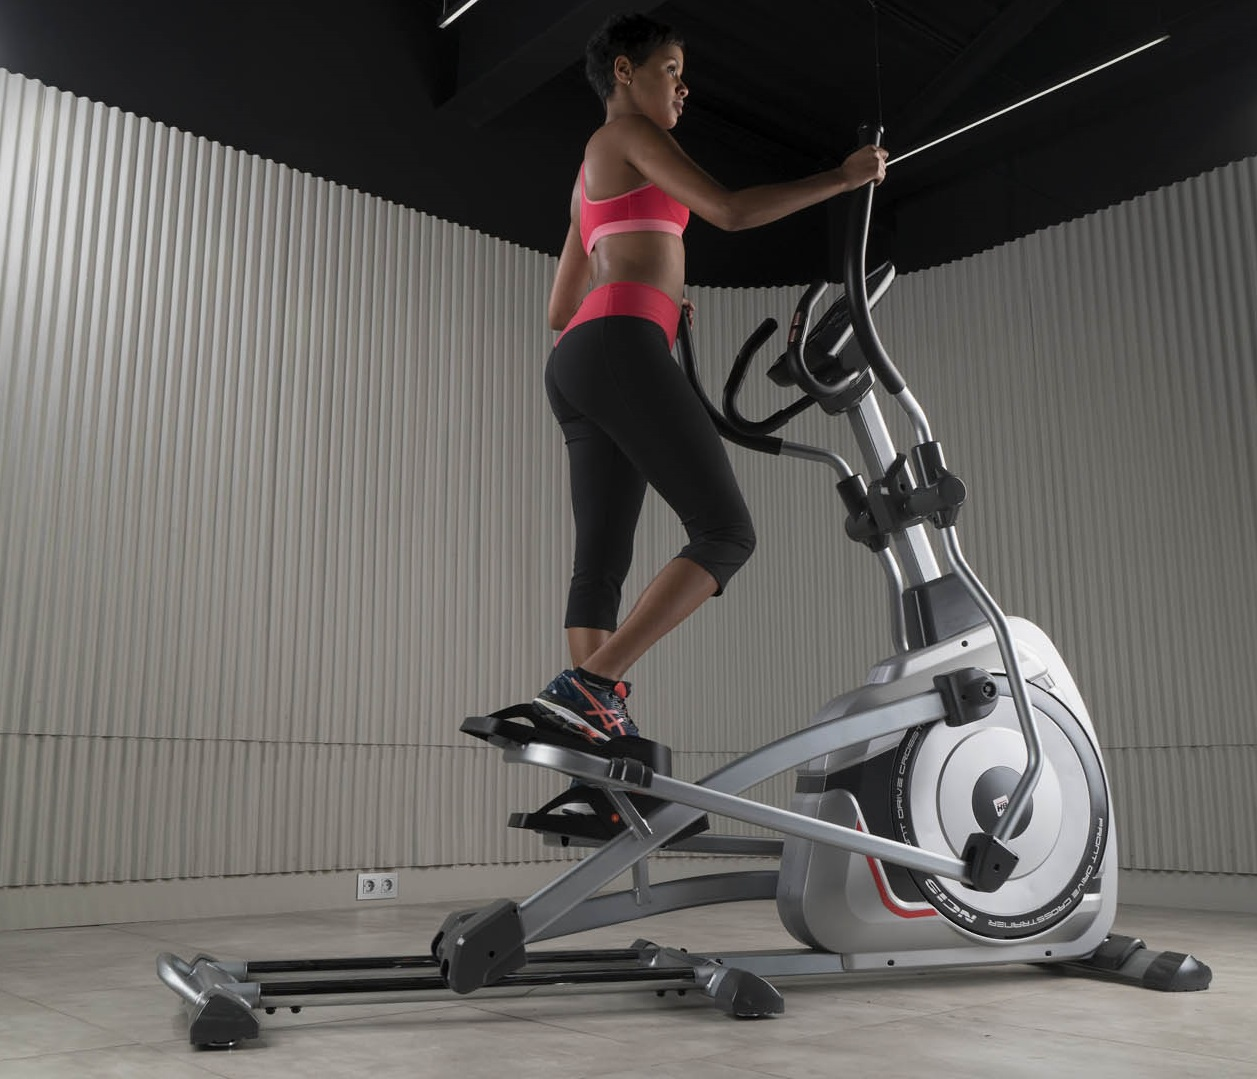 5d19de731f5ae_bh.fitness.nc.19.promo